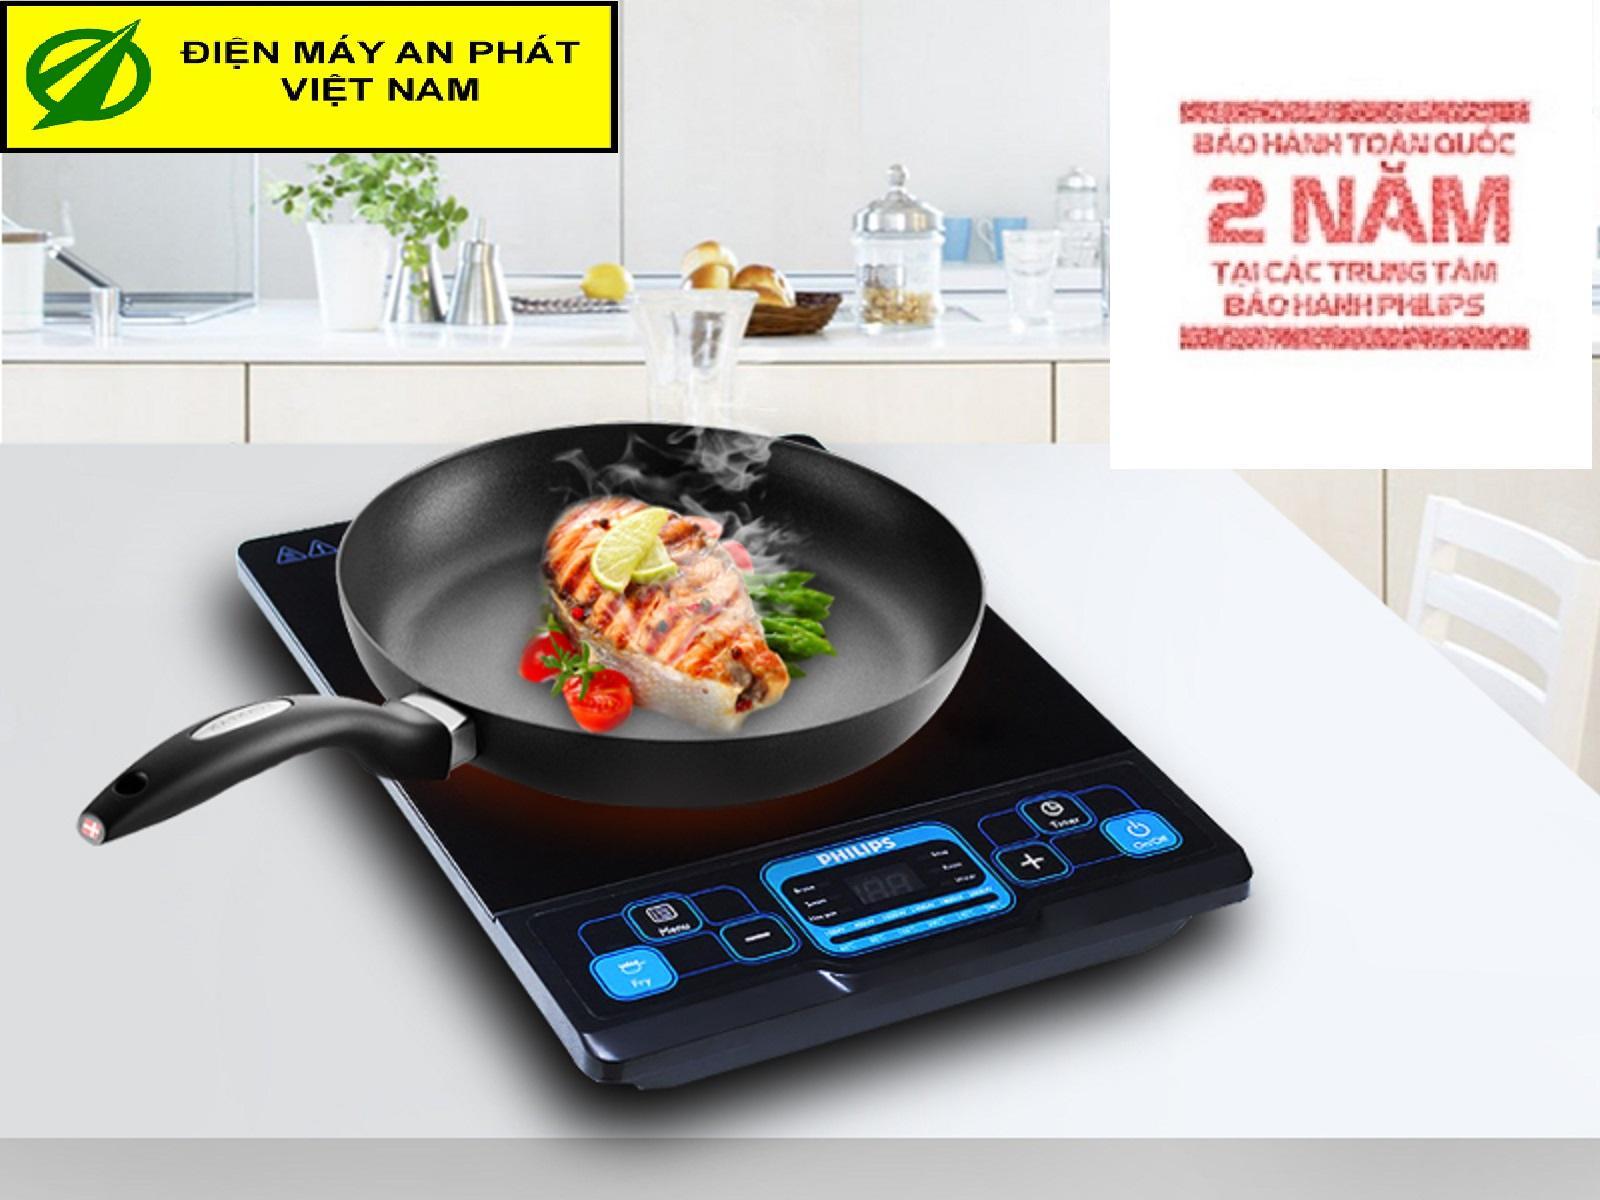 Bếp từ Philips HD4921 - Hàng Công ty( Tặng kèm nồi lẩu to inox chất lượng cao) Bảo hành 2 năm trên toàn quốc (Xuất hóa đơn GTGT theo yêu cầu)